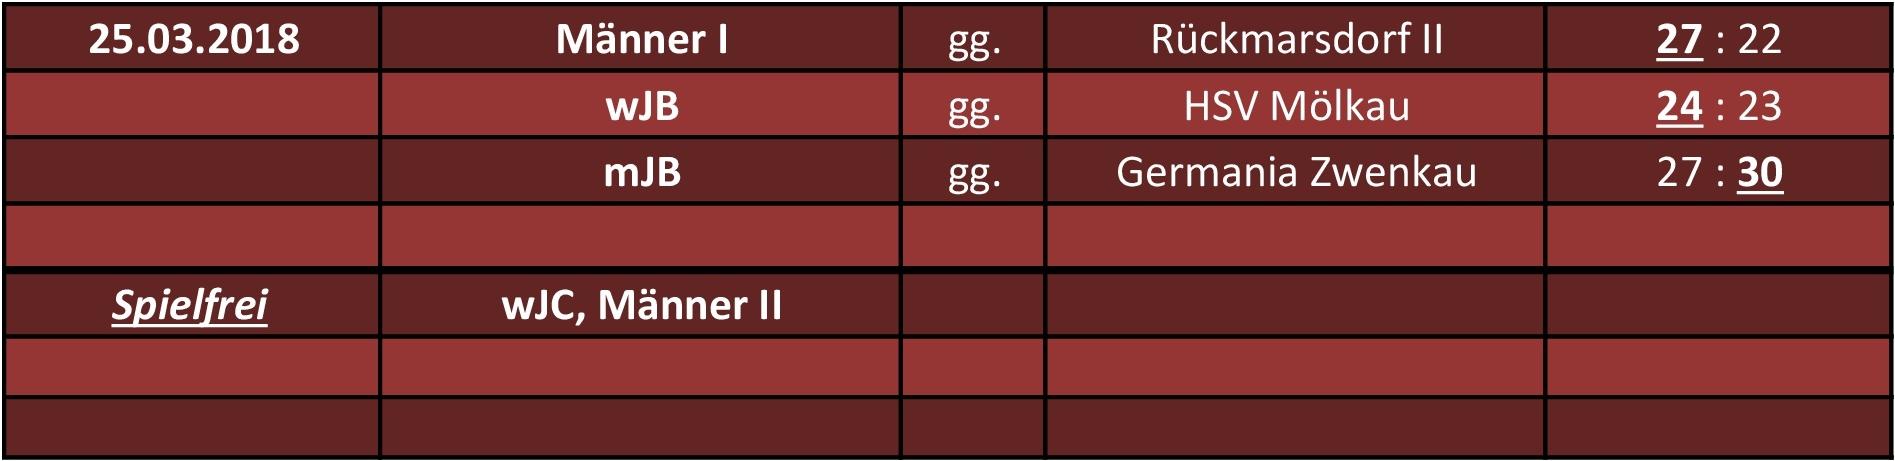 HP_Tabelle_Spiele_1_1